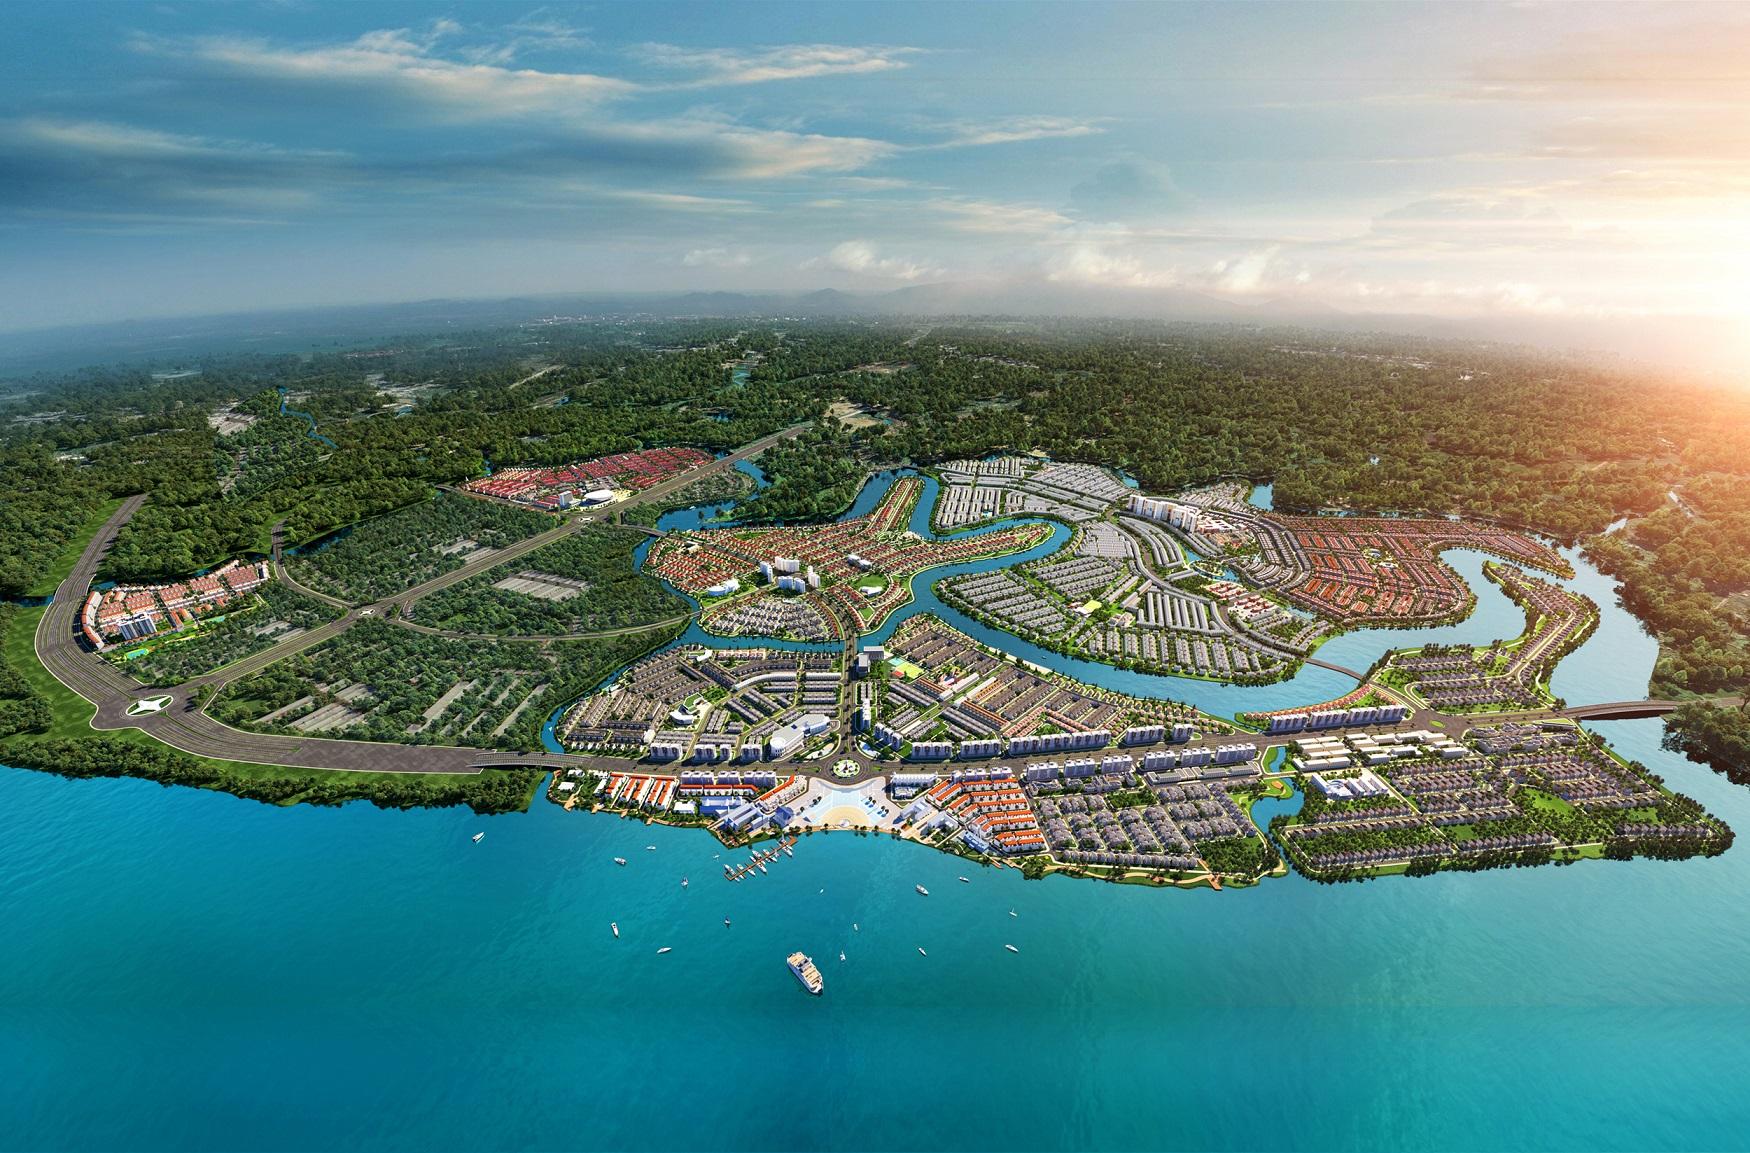 Nằm trong vùng xanh sinh thái của Aqua City, đảo Phượng Hoàng sở hữu thế đất giàu vượng khí và quy hoạch tiện ích thỏa mãn giá trị sống khỏe thể chất lẫn tinh thần. Ảnh phối cảnh: Novaland.